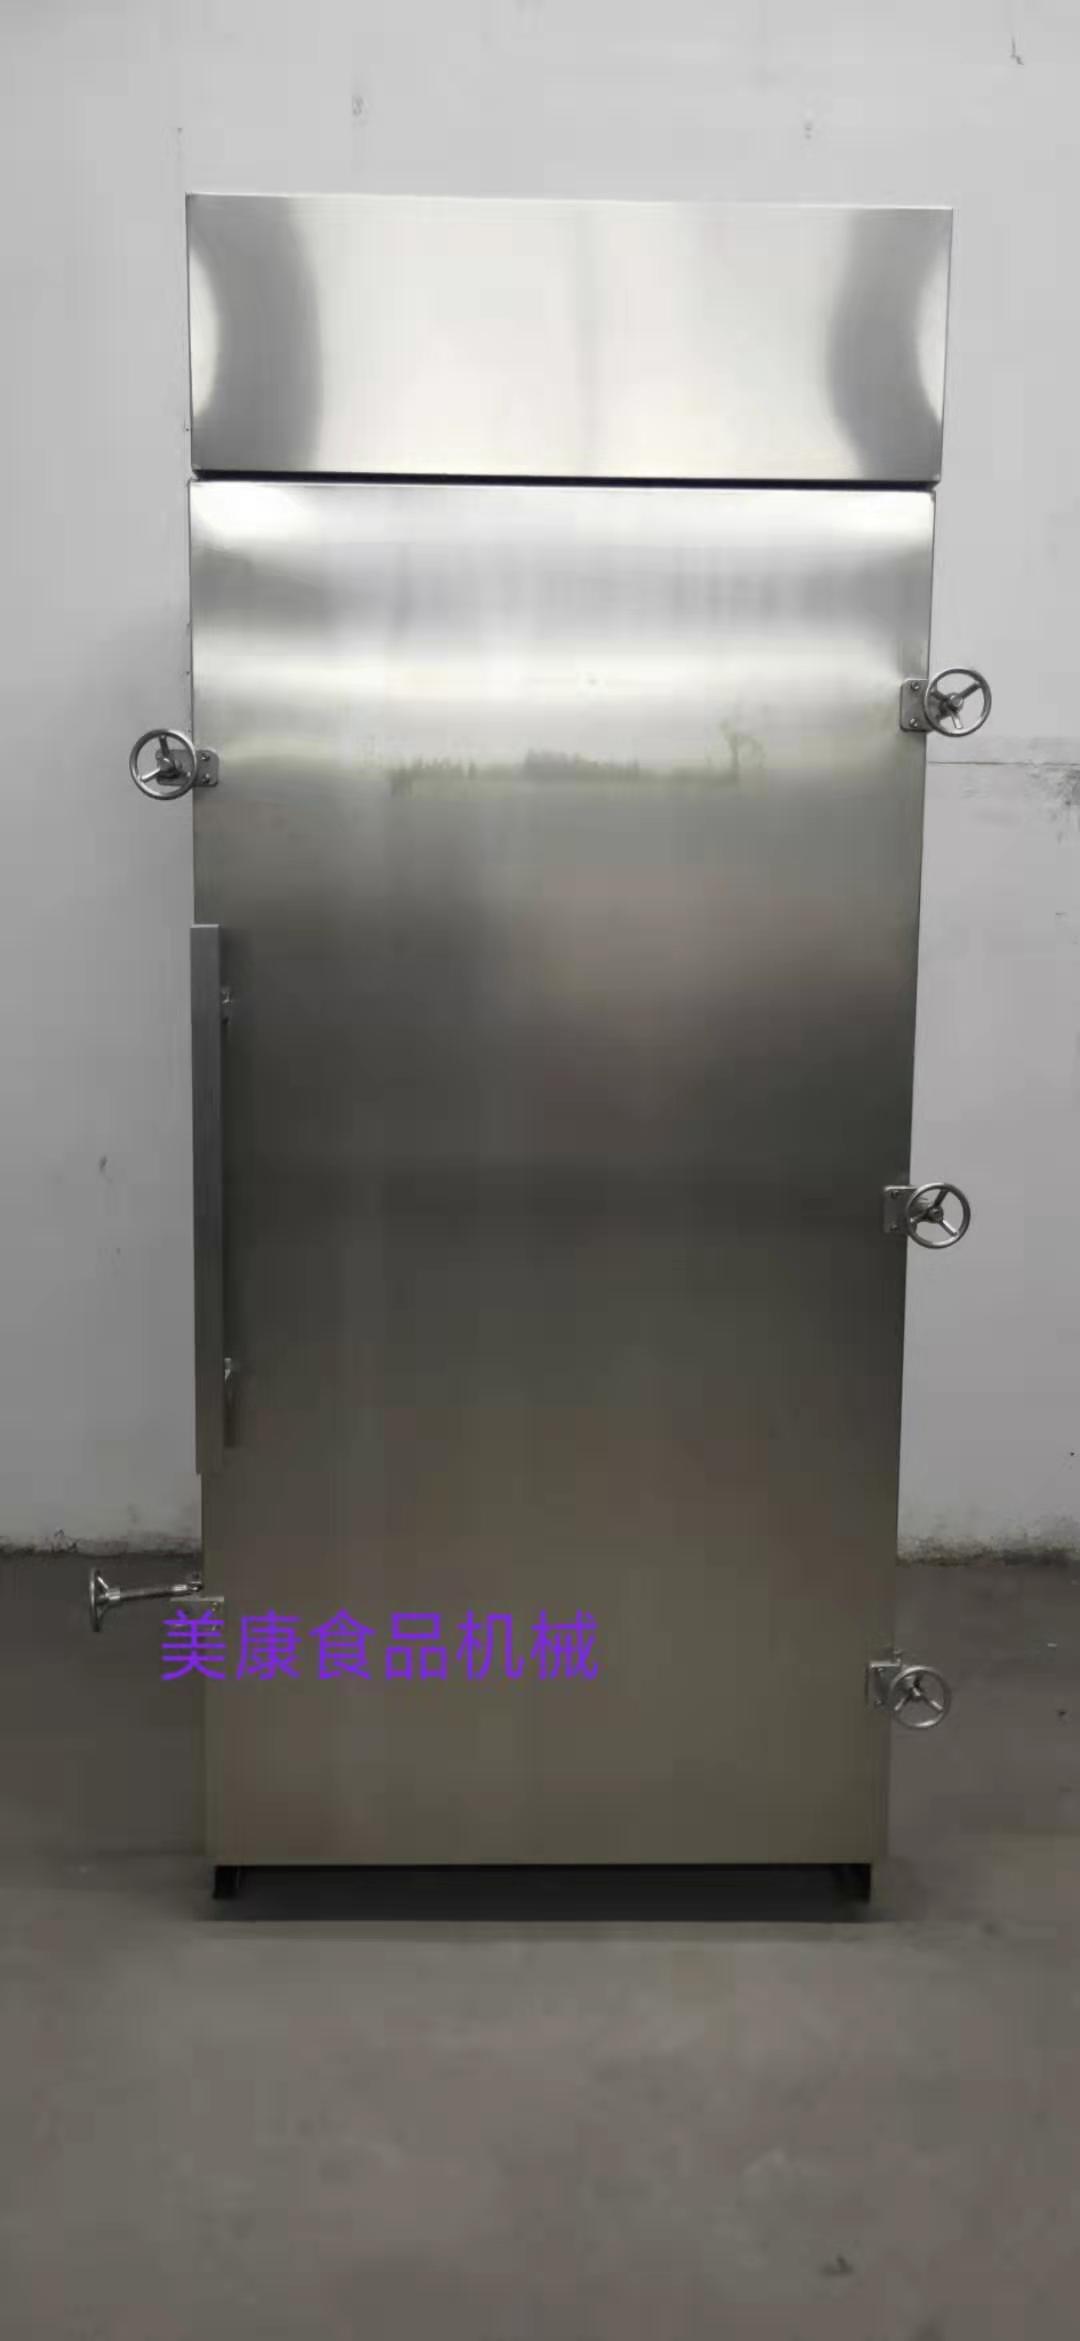 专业定制玉米蒸汽蒸箱 304不锈钢速冻玉米加工蒸煮设备便宜实惠